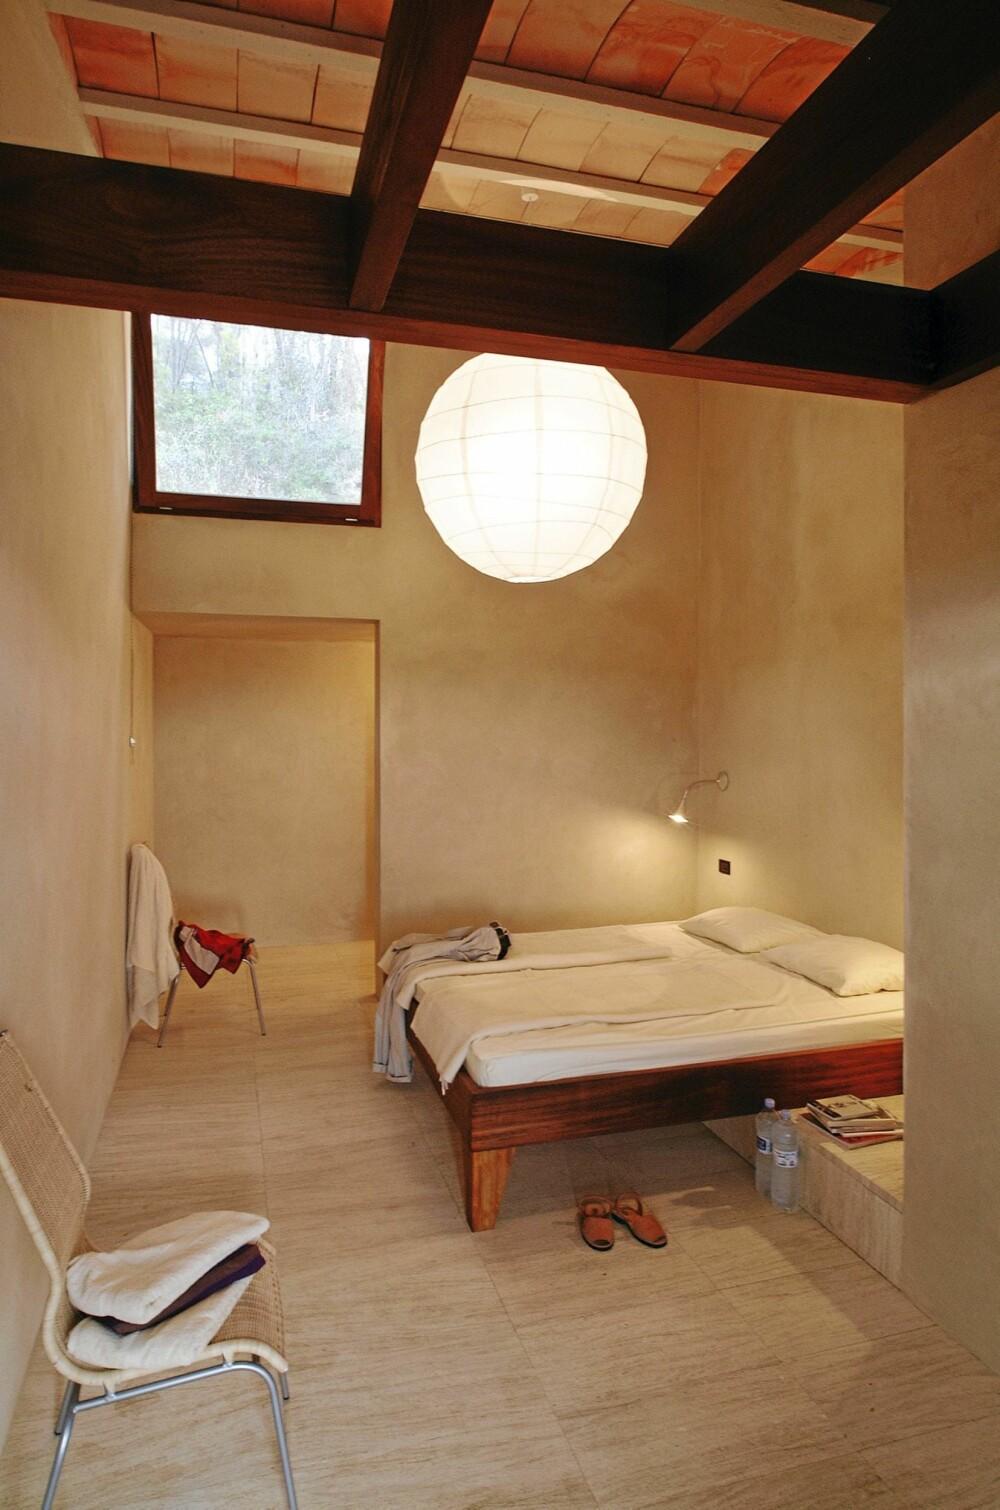 STILIG I NYE SMÅHUS: De arkitekttegnete sengene representerer den rene, moderne stilen. Høyden under taket bidrar til god ventilasjon i huset. Dette er ny, lekker innredning på gamle tufter.